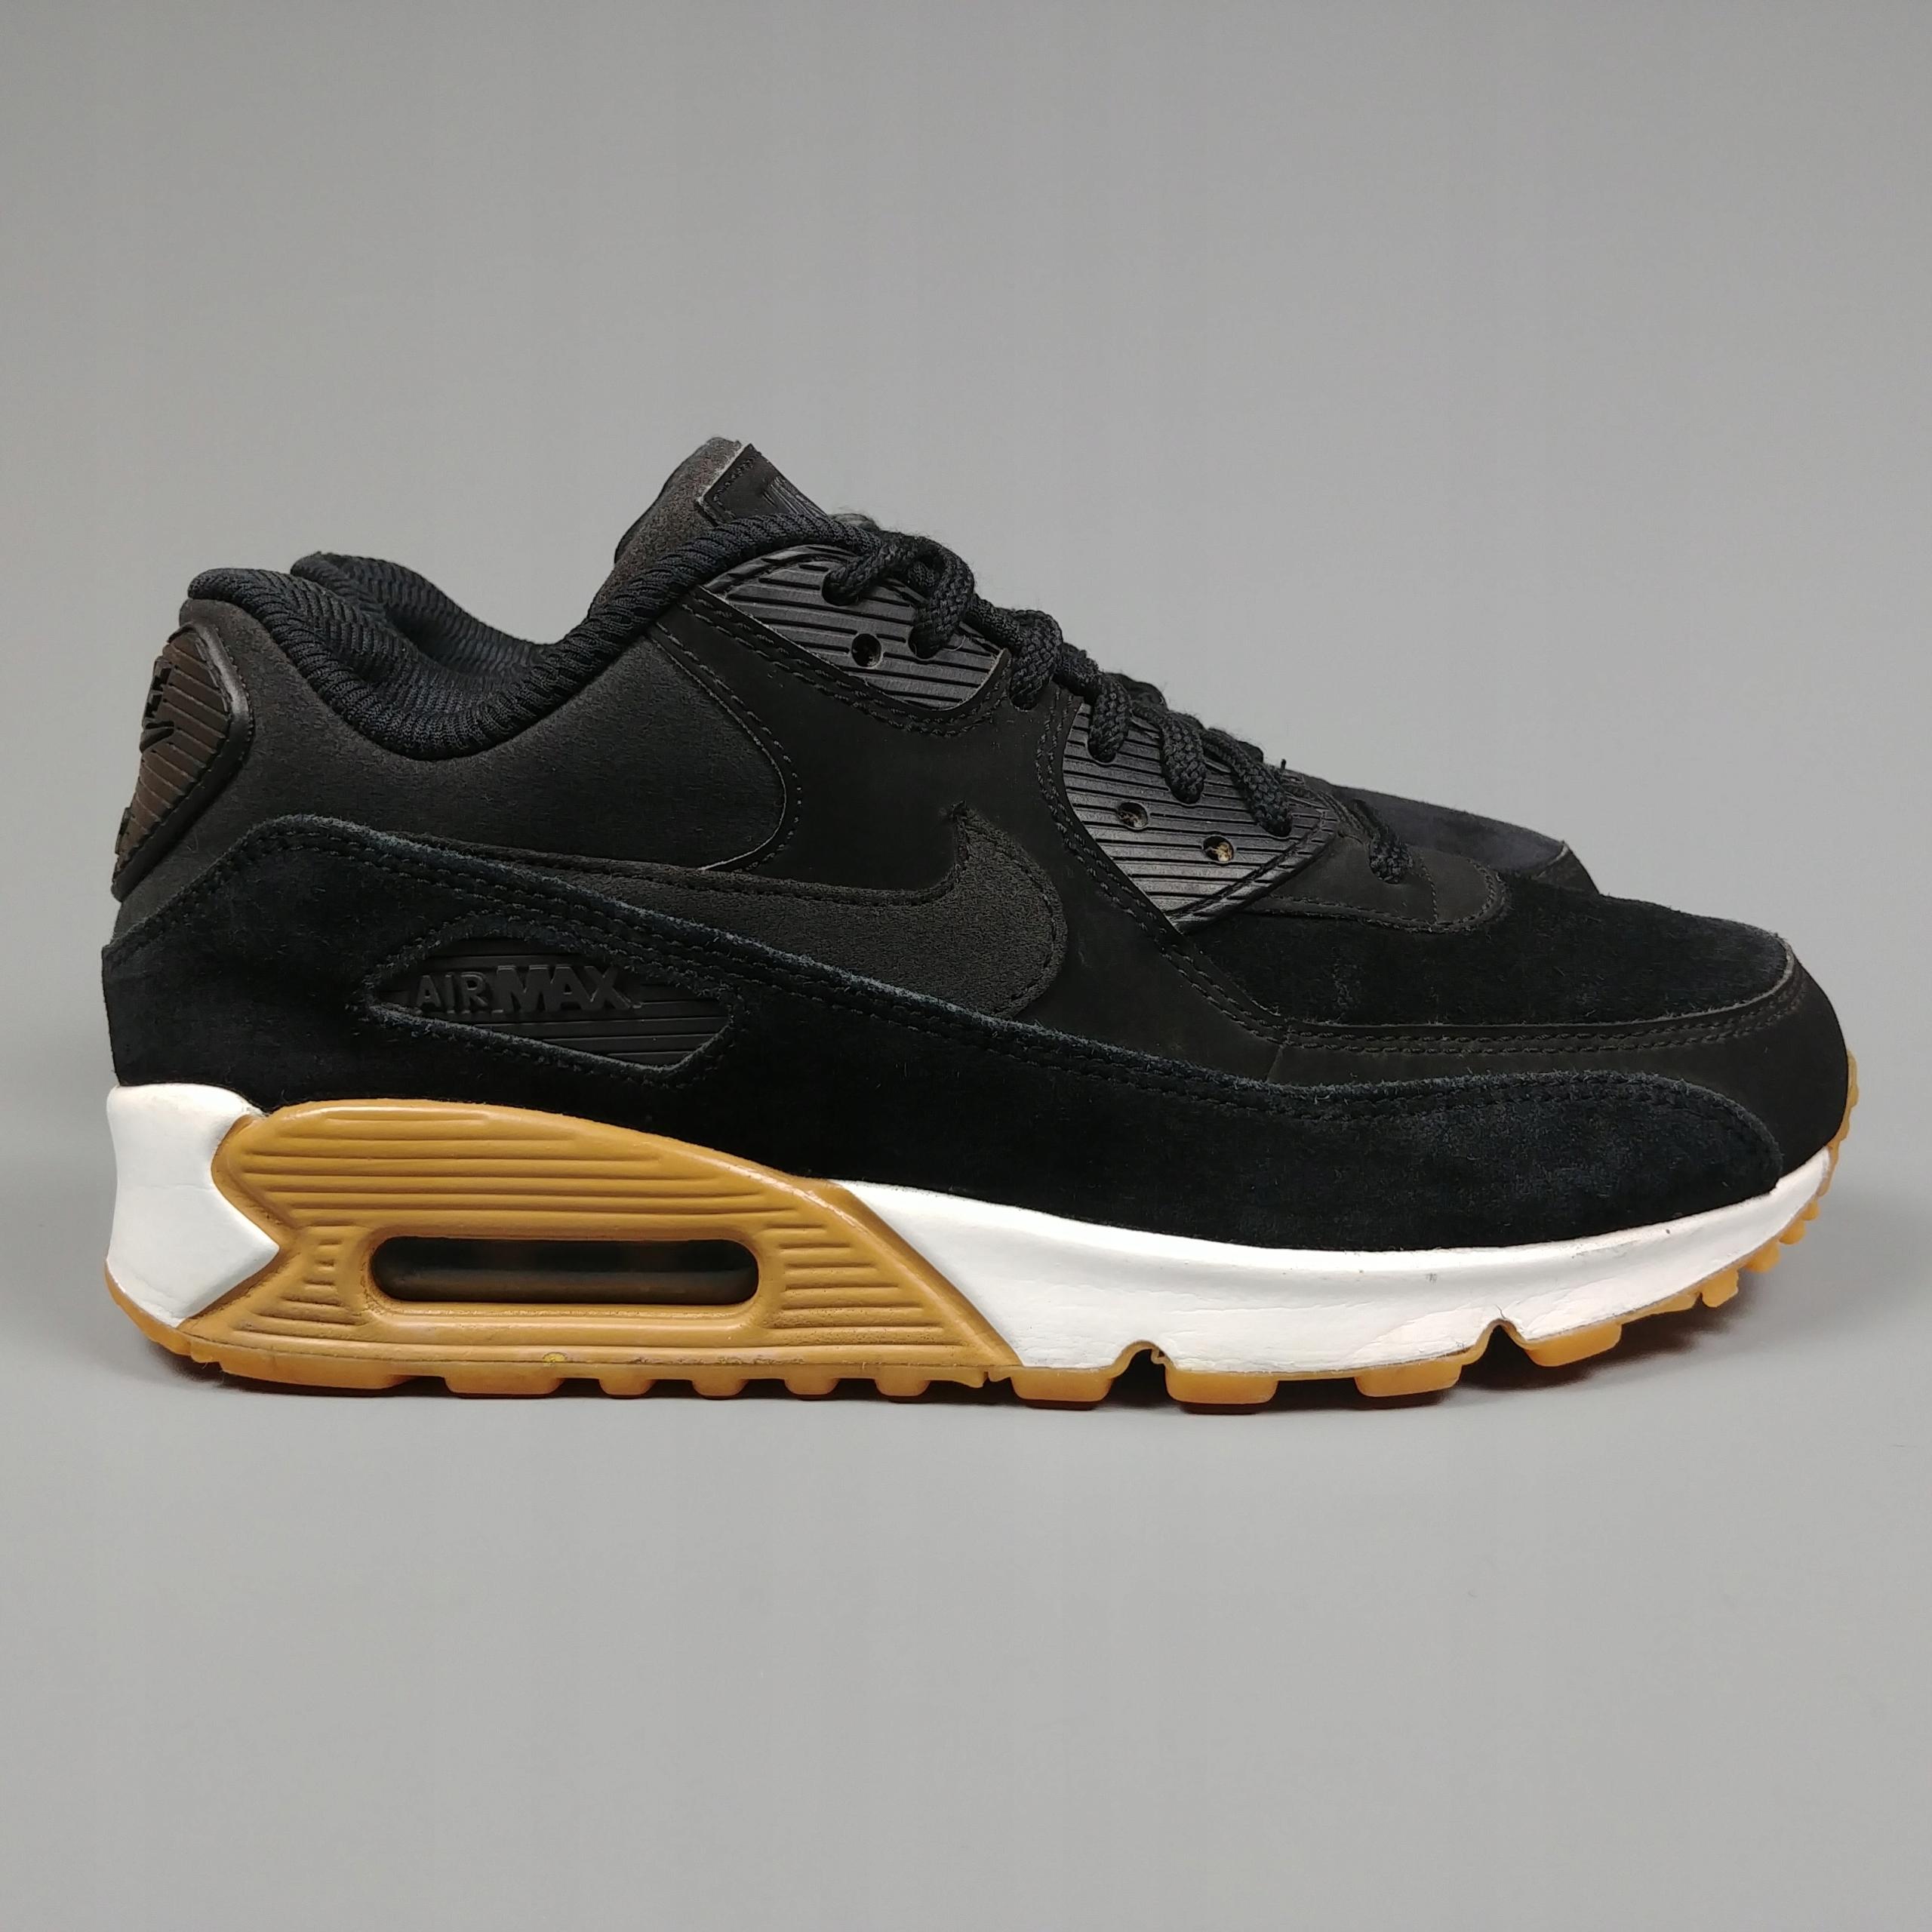 33f6d8fa 7600380655 36 Buty 5; Nike 23 Air Max Damskie 90 5cm Sportowe aqTwBYFvw